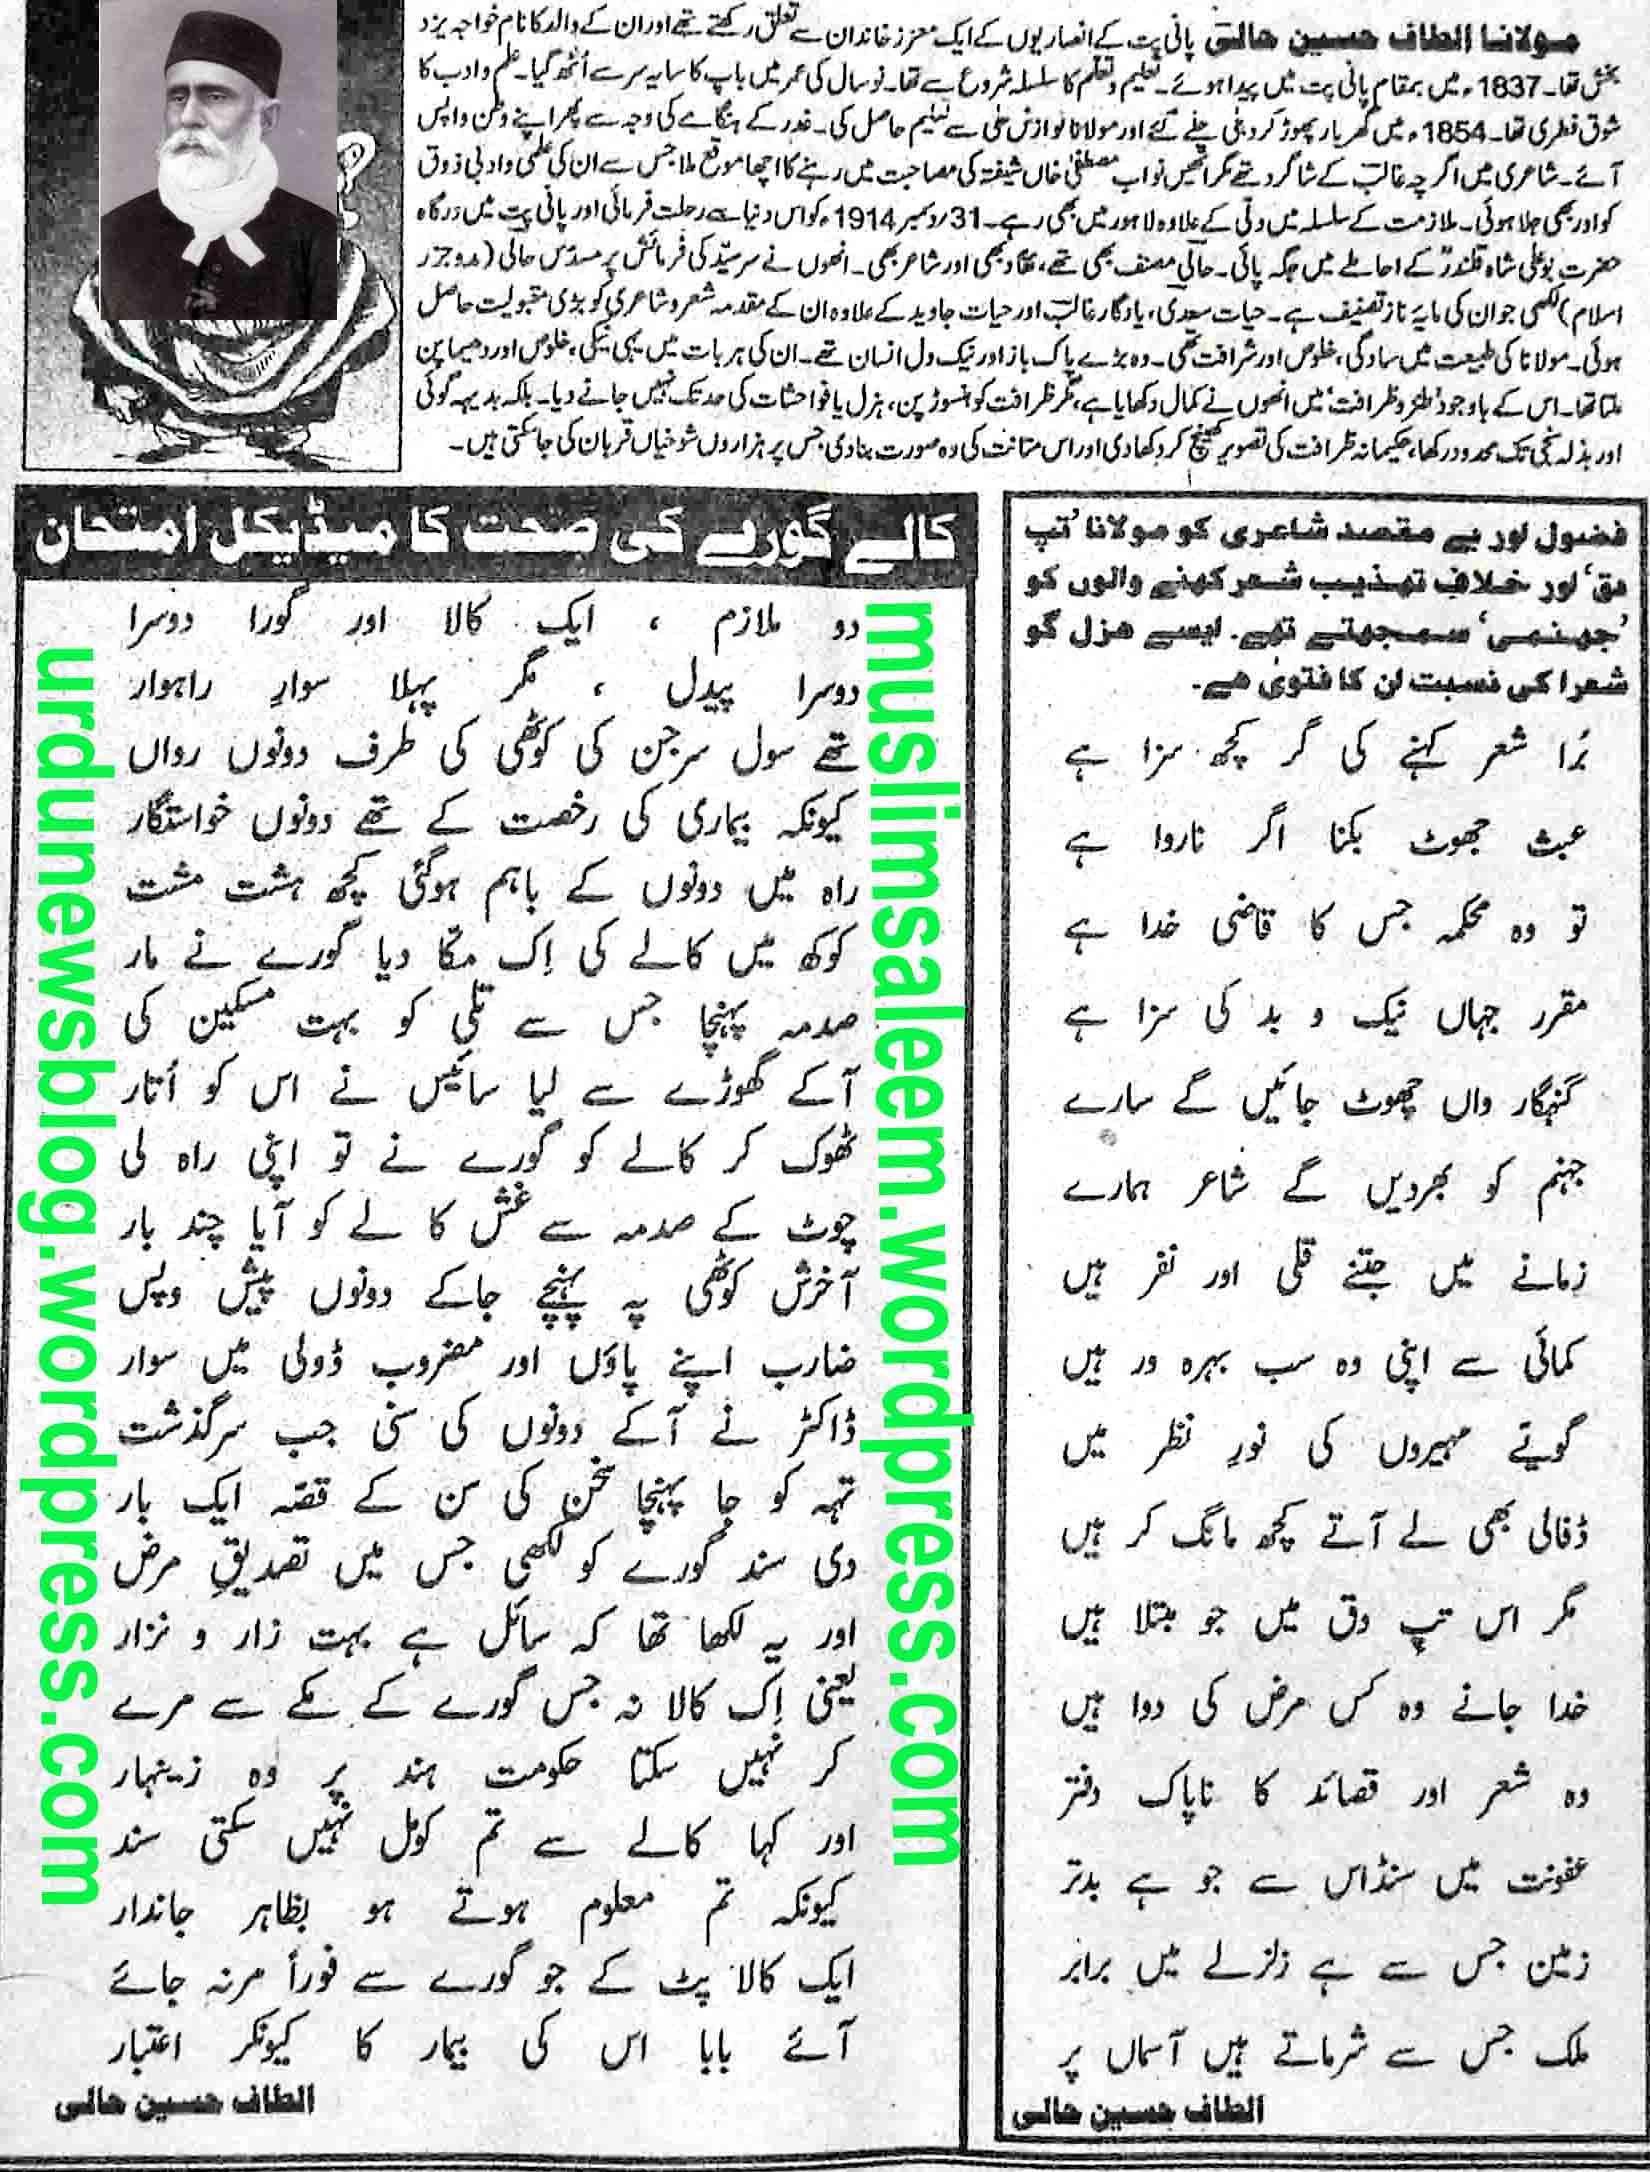 Hindi Altaf Husain Haali – Swatfilms